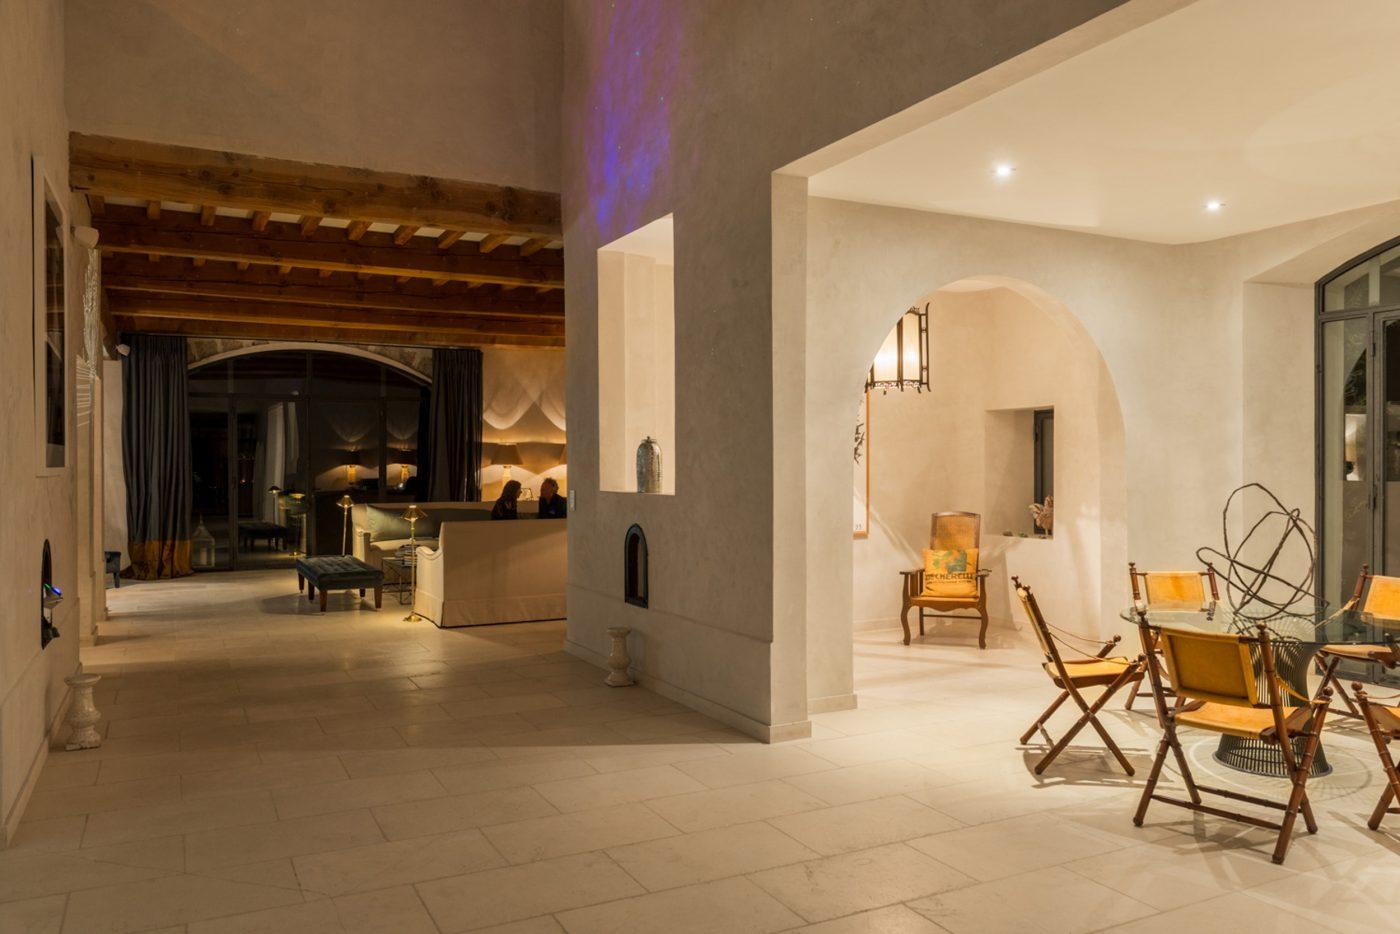 maison 22 maison 22 salon deco maison lille sous photo galerie luminaire salle de bain rona. Black Bedroom Furniture Sets. Home Design Ideas